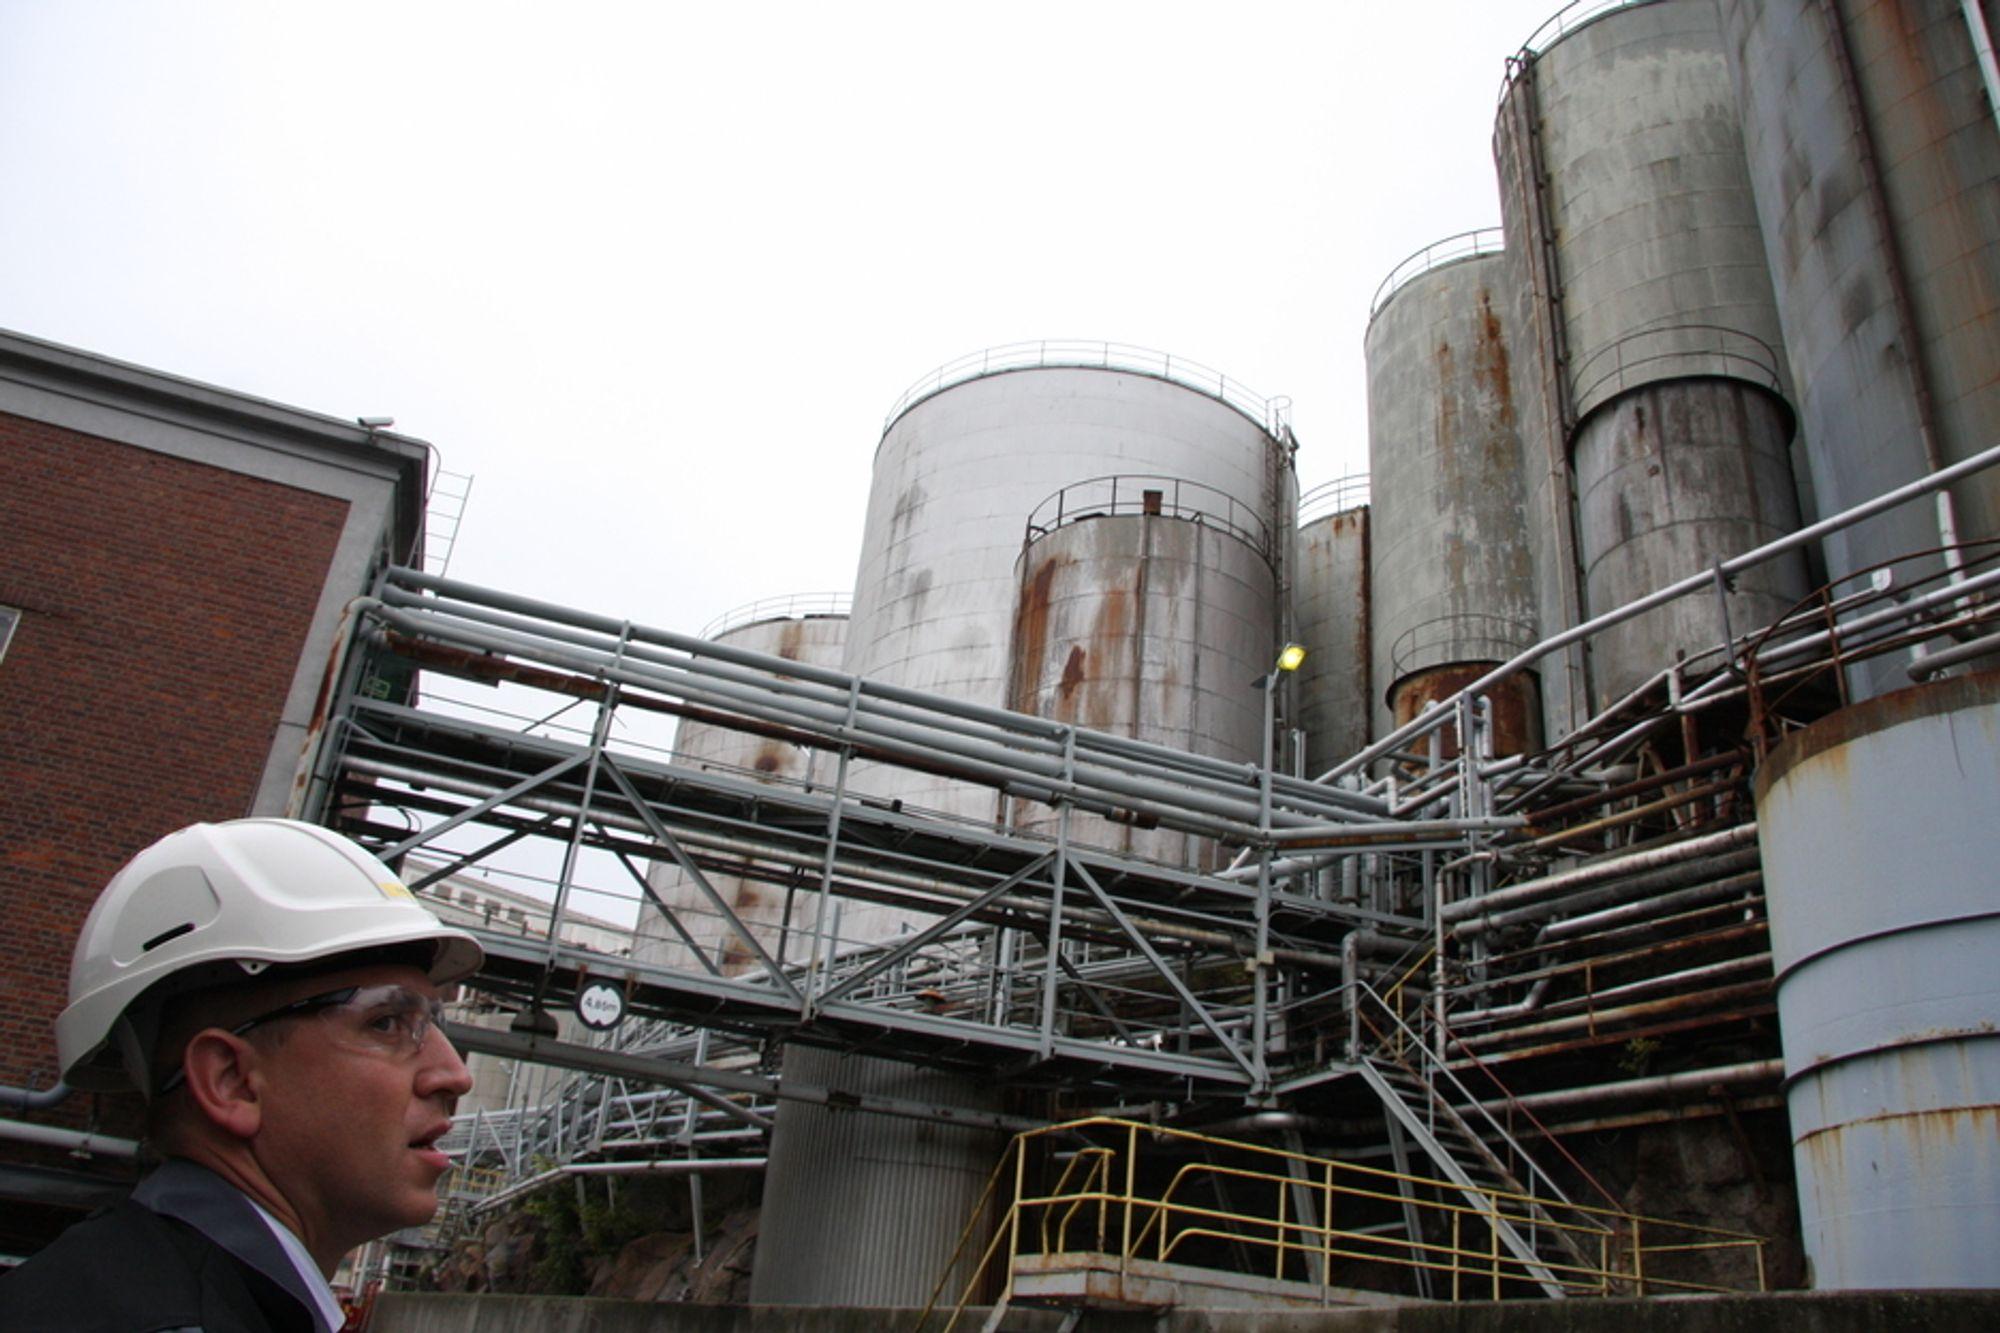 LEDIGE: Oleon fikk 12 lagretanker ledig da selskapet la ned fettsyreproduksjonen i 2006. Utleie av lagerplass skule bare spe på inntektene til selskapet. Erik Røyeng fra Oleon har lært mye om dannelse av H2S (hydrogensulfid).